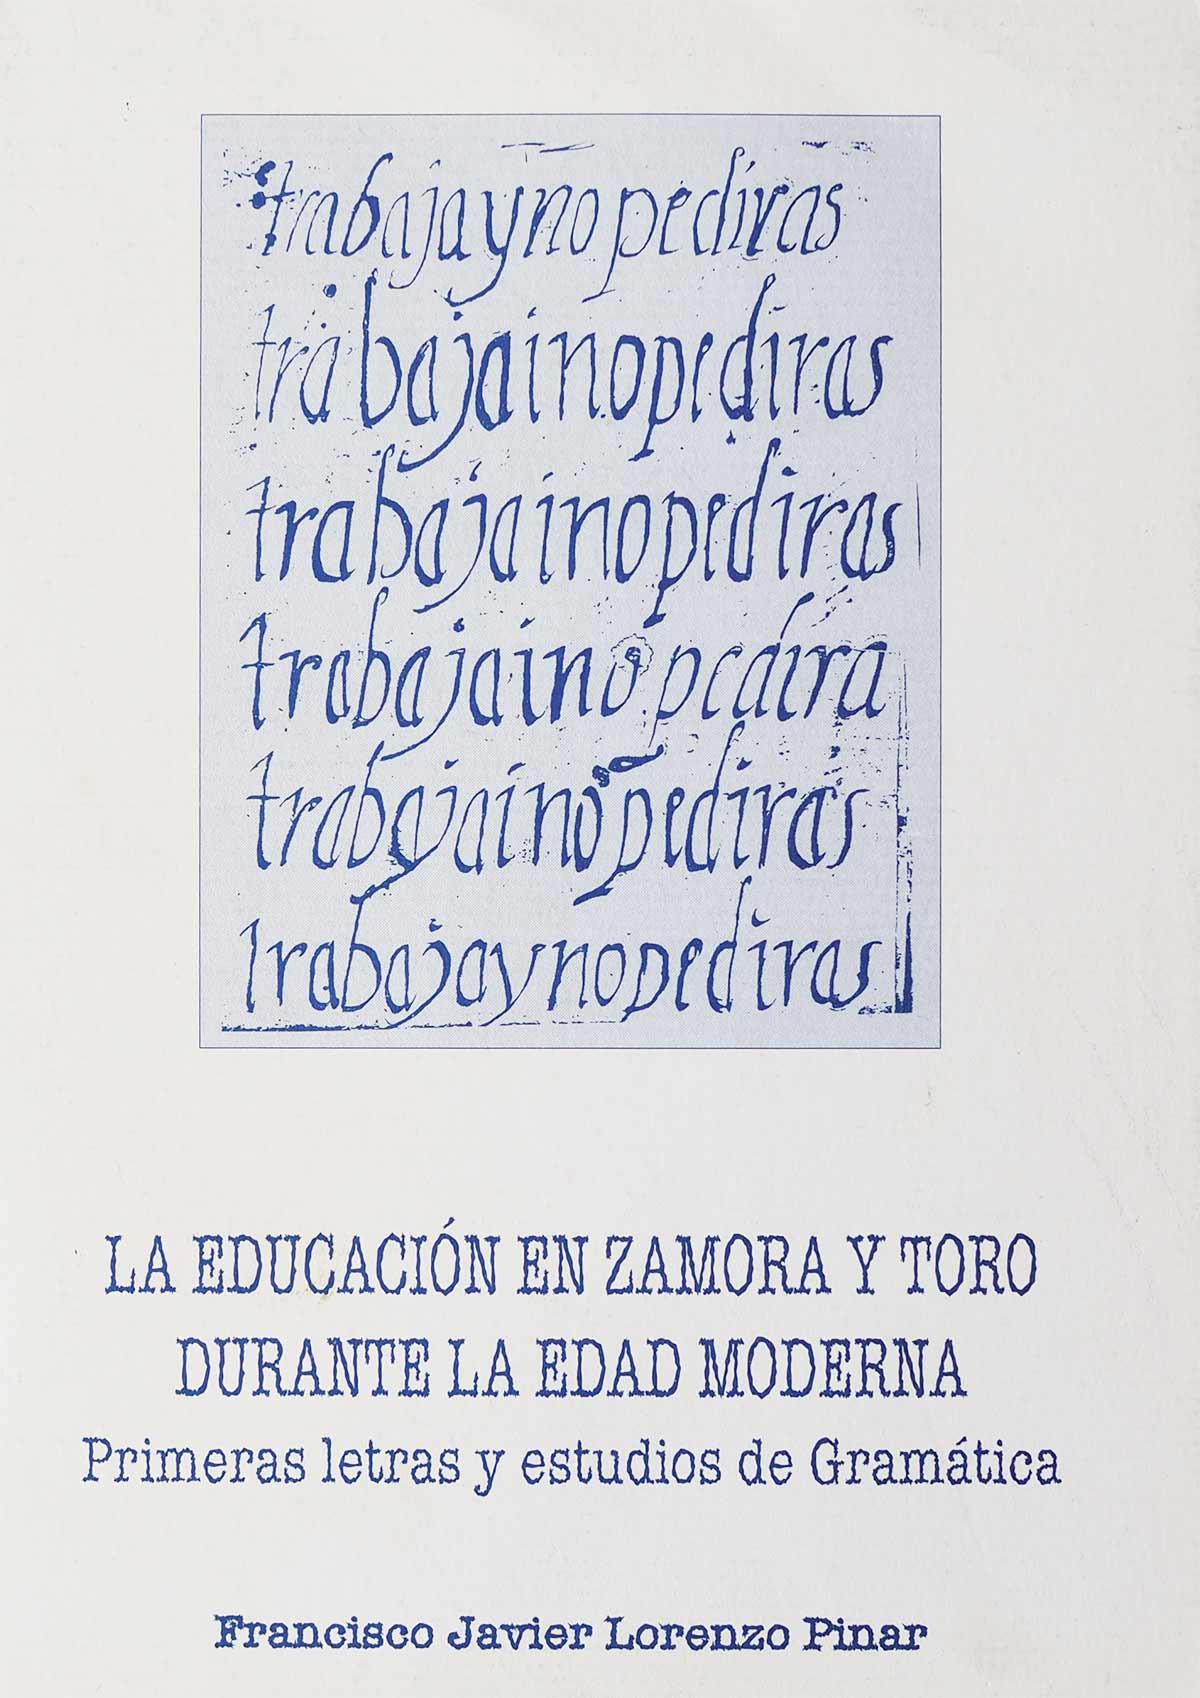 educacion-zamora-toro-francisco-javier-lozano-pinar-editorial-semuret